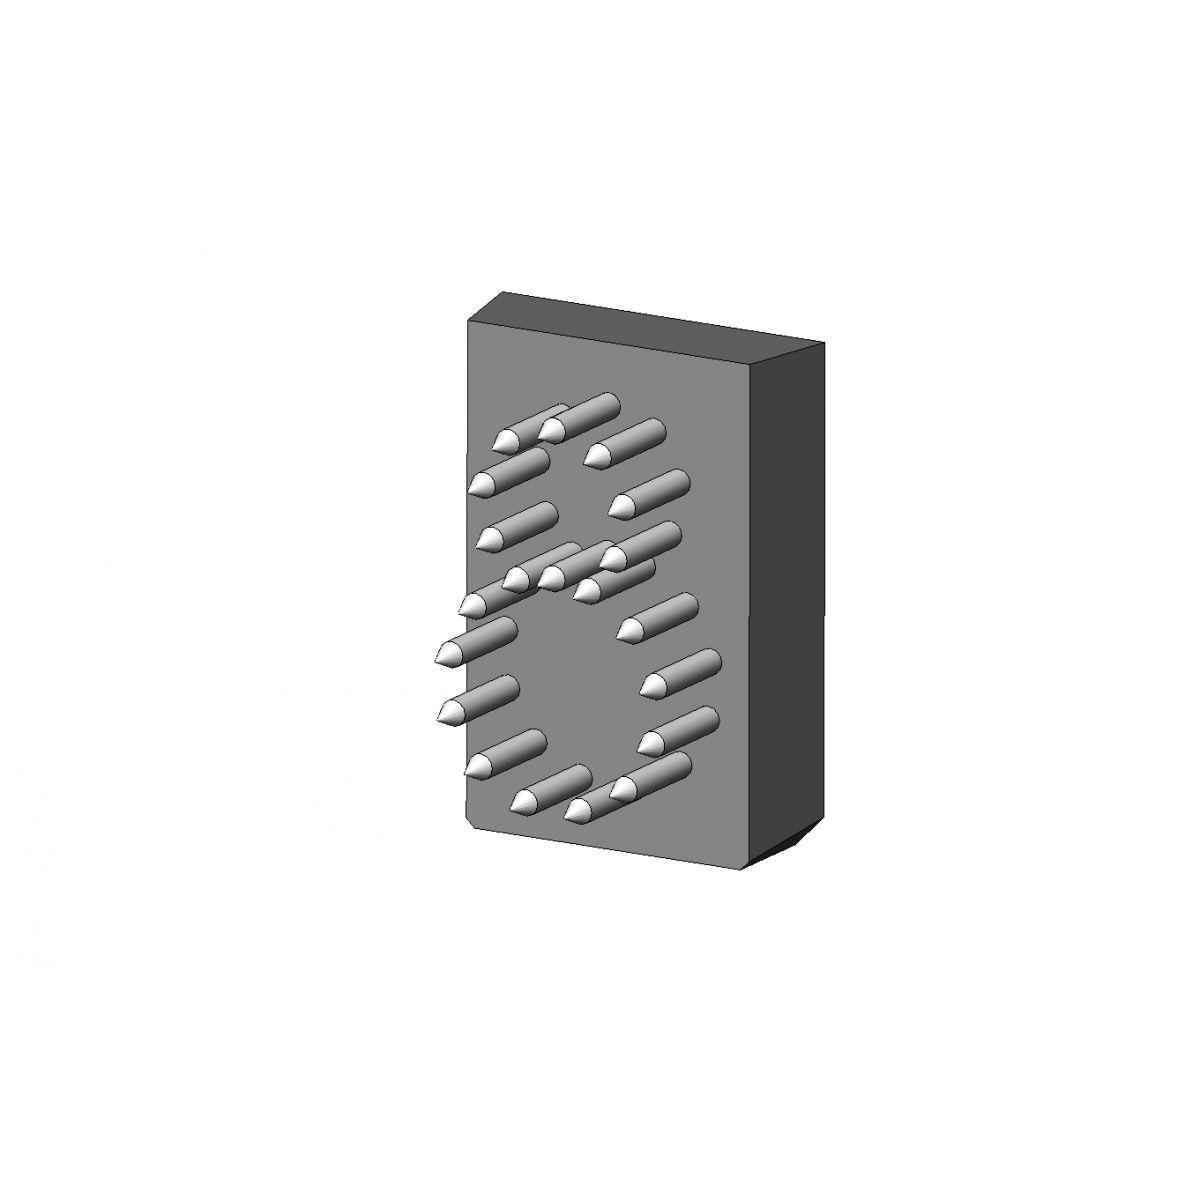 Jogo Número/Letra L17 x 24 (18 mm) - 5 Espaços